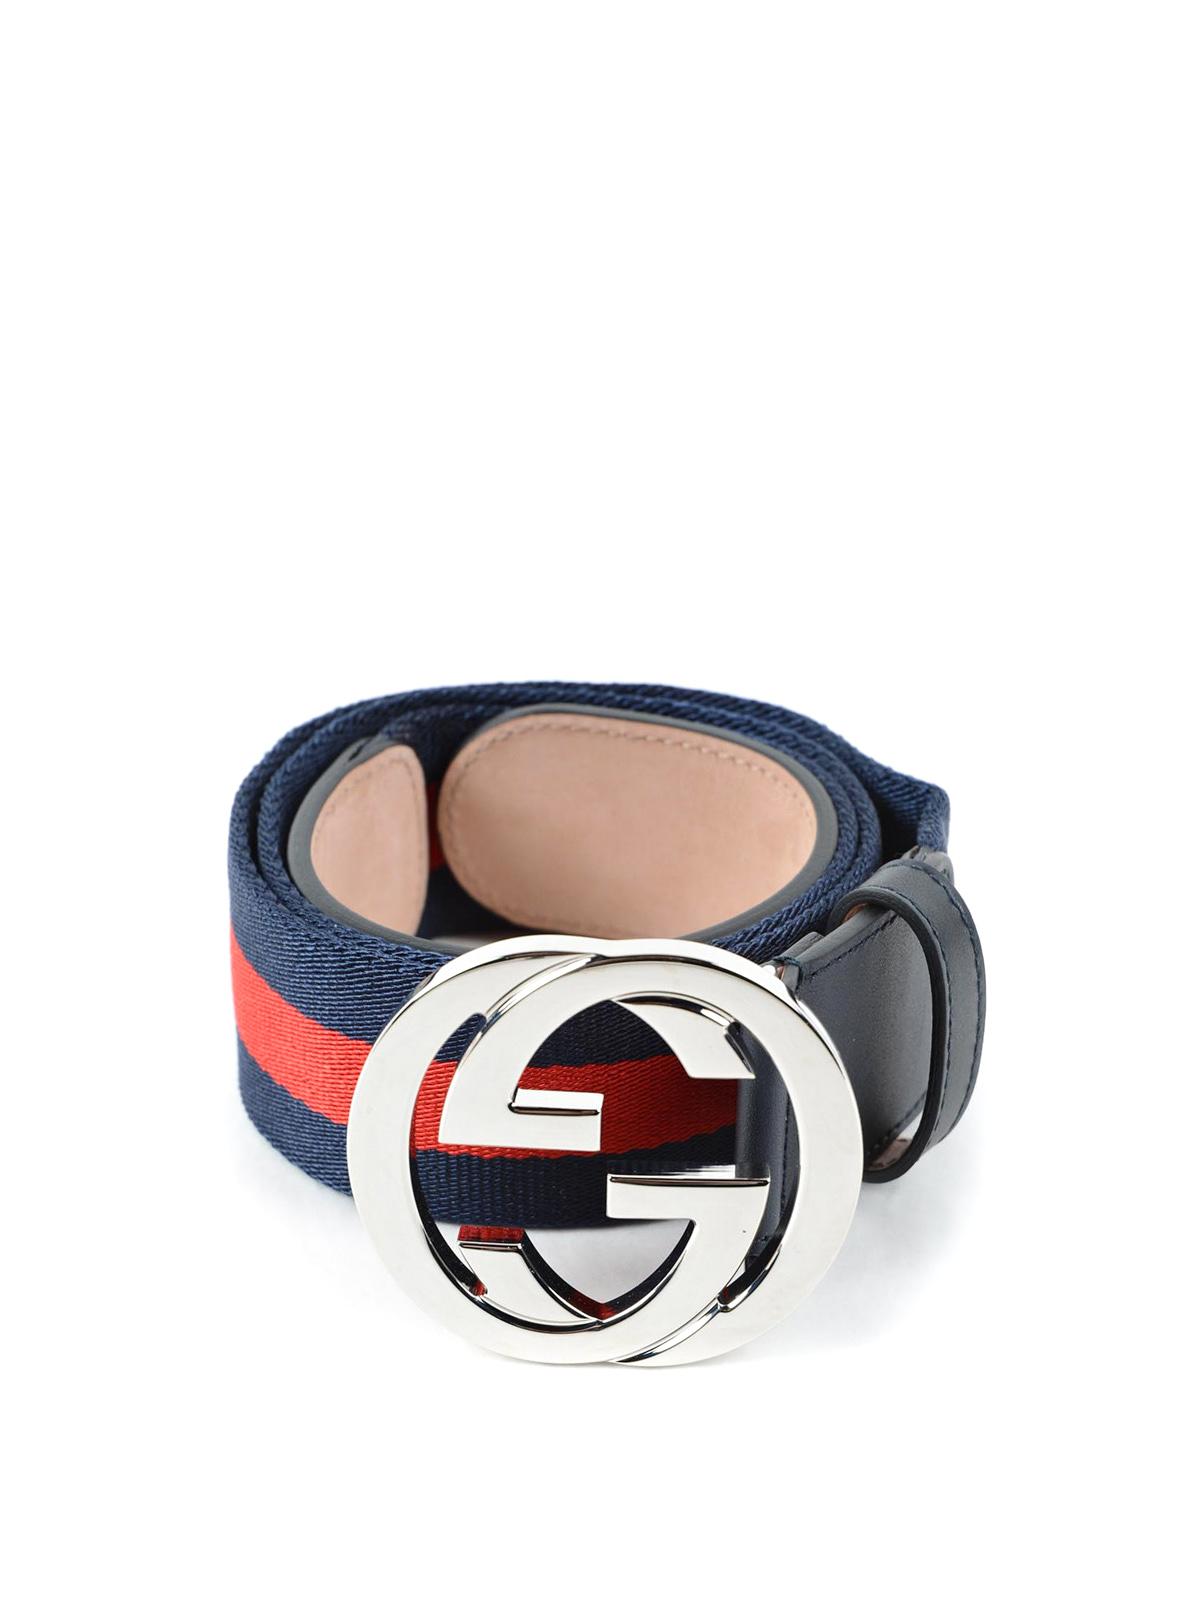 8c3f6559e Gucci - Cinturón Azul Para Hombre - Cinturones - 411924H917N 8497